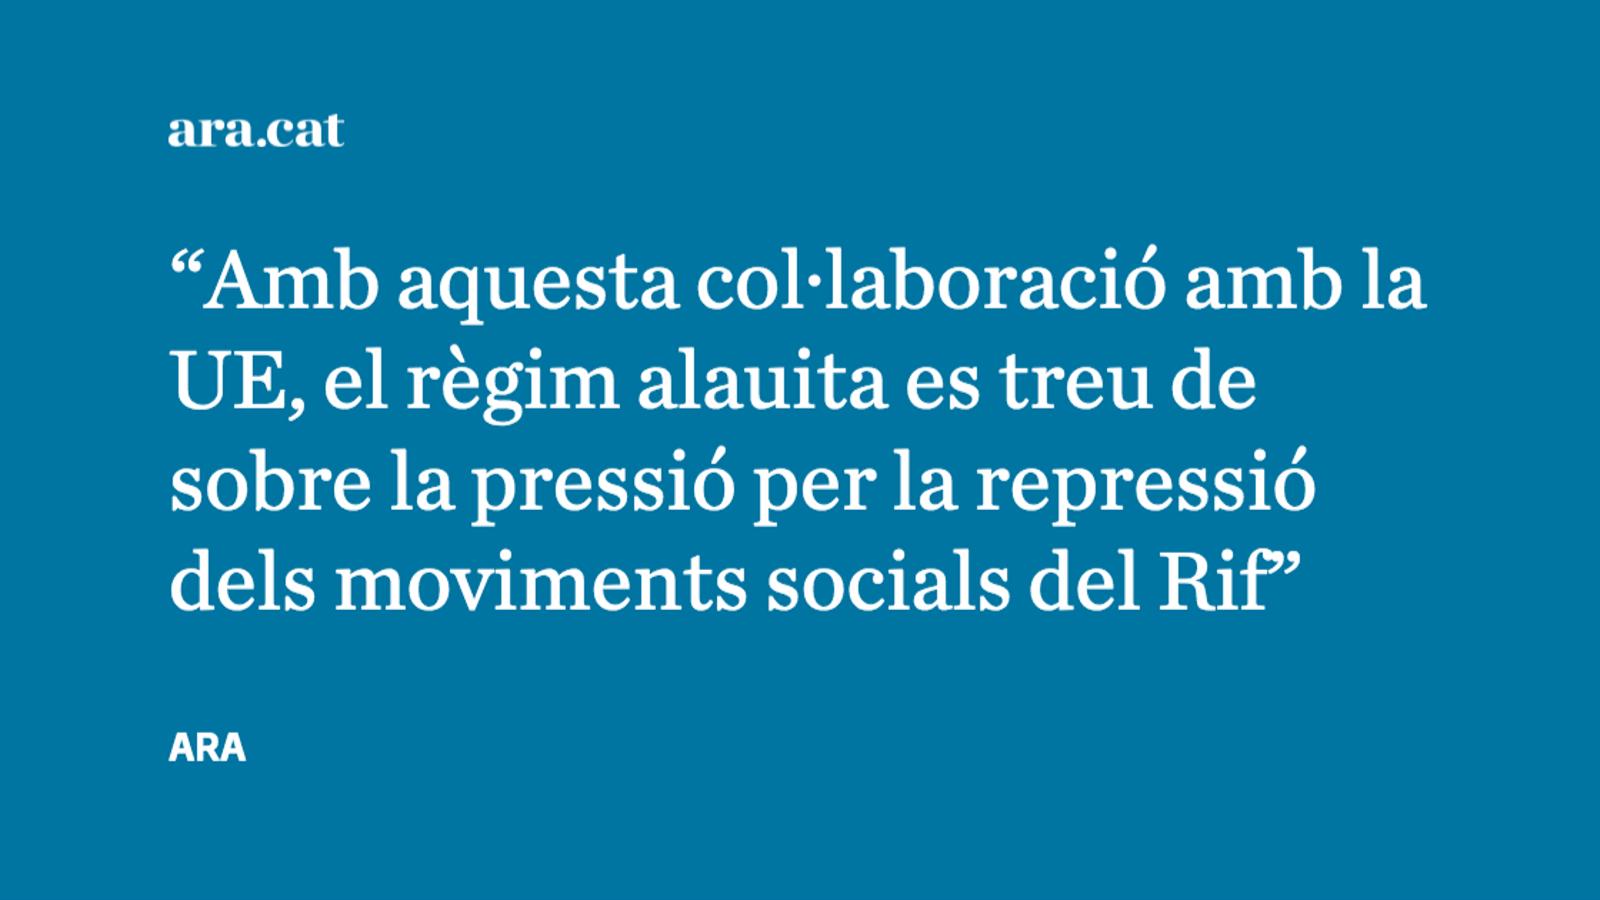 Espanya, el Marroc i la feina bruta contra la immigració